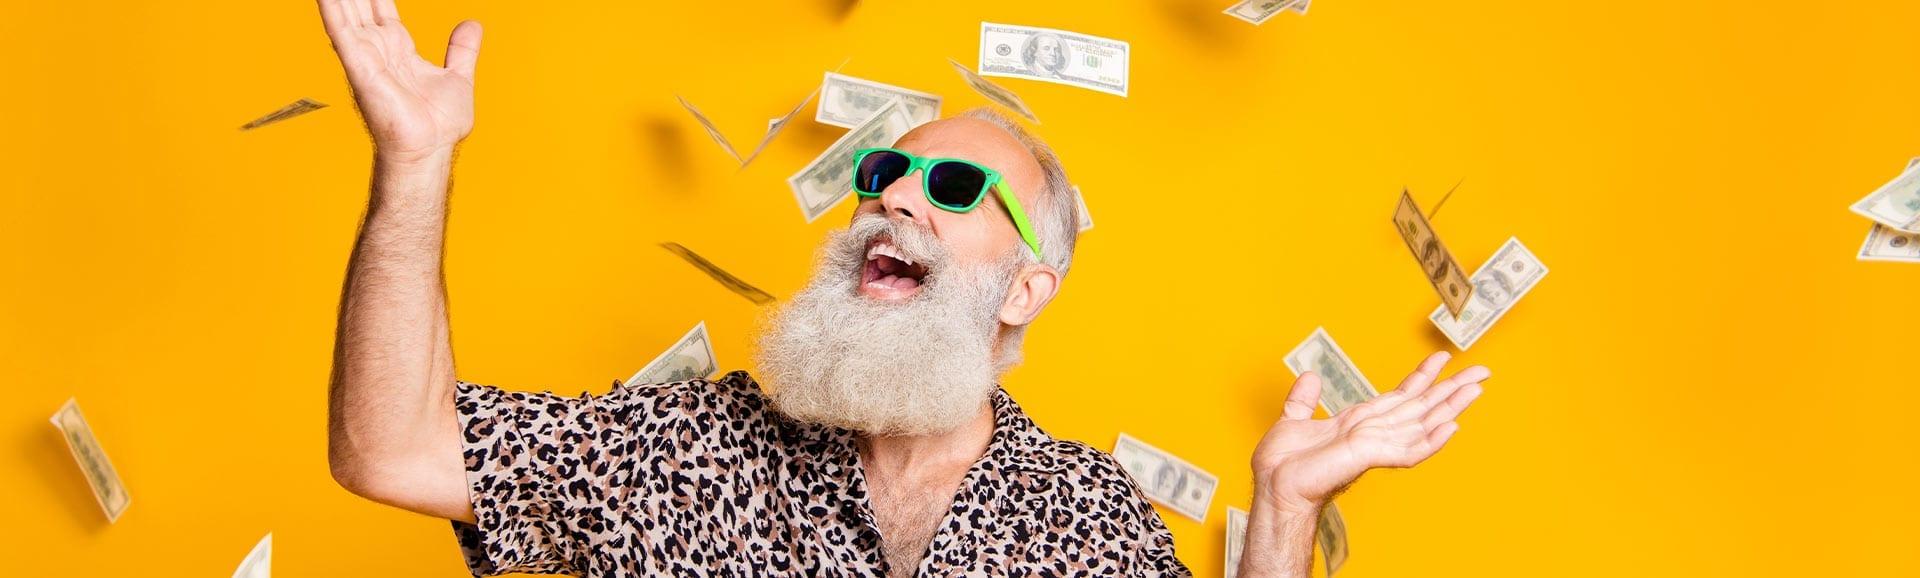 Rentner freut sich über die Sofortauszahlung beim Immobilien-Teilverkauf